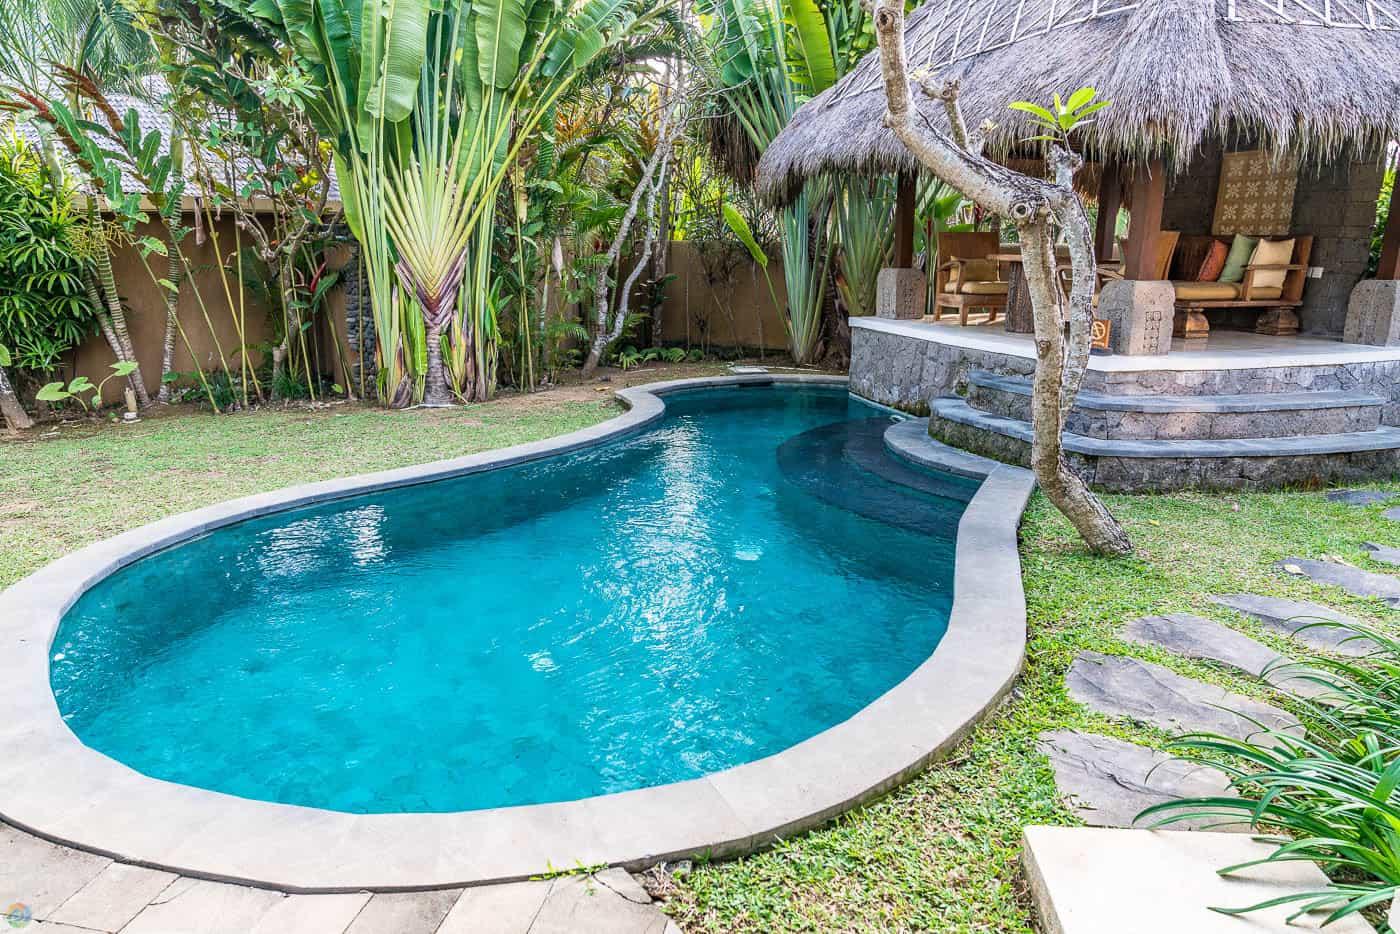 Each villa has a private pool and cabana at WakaGangga